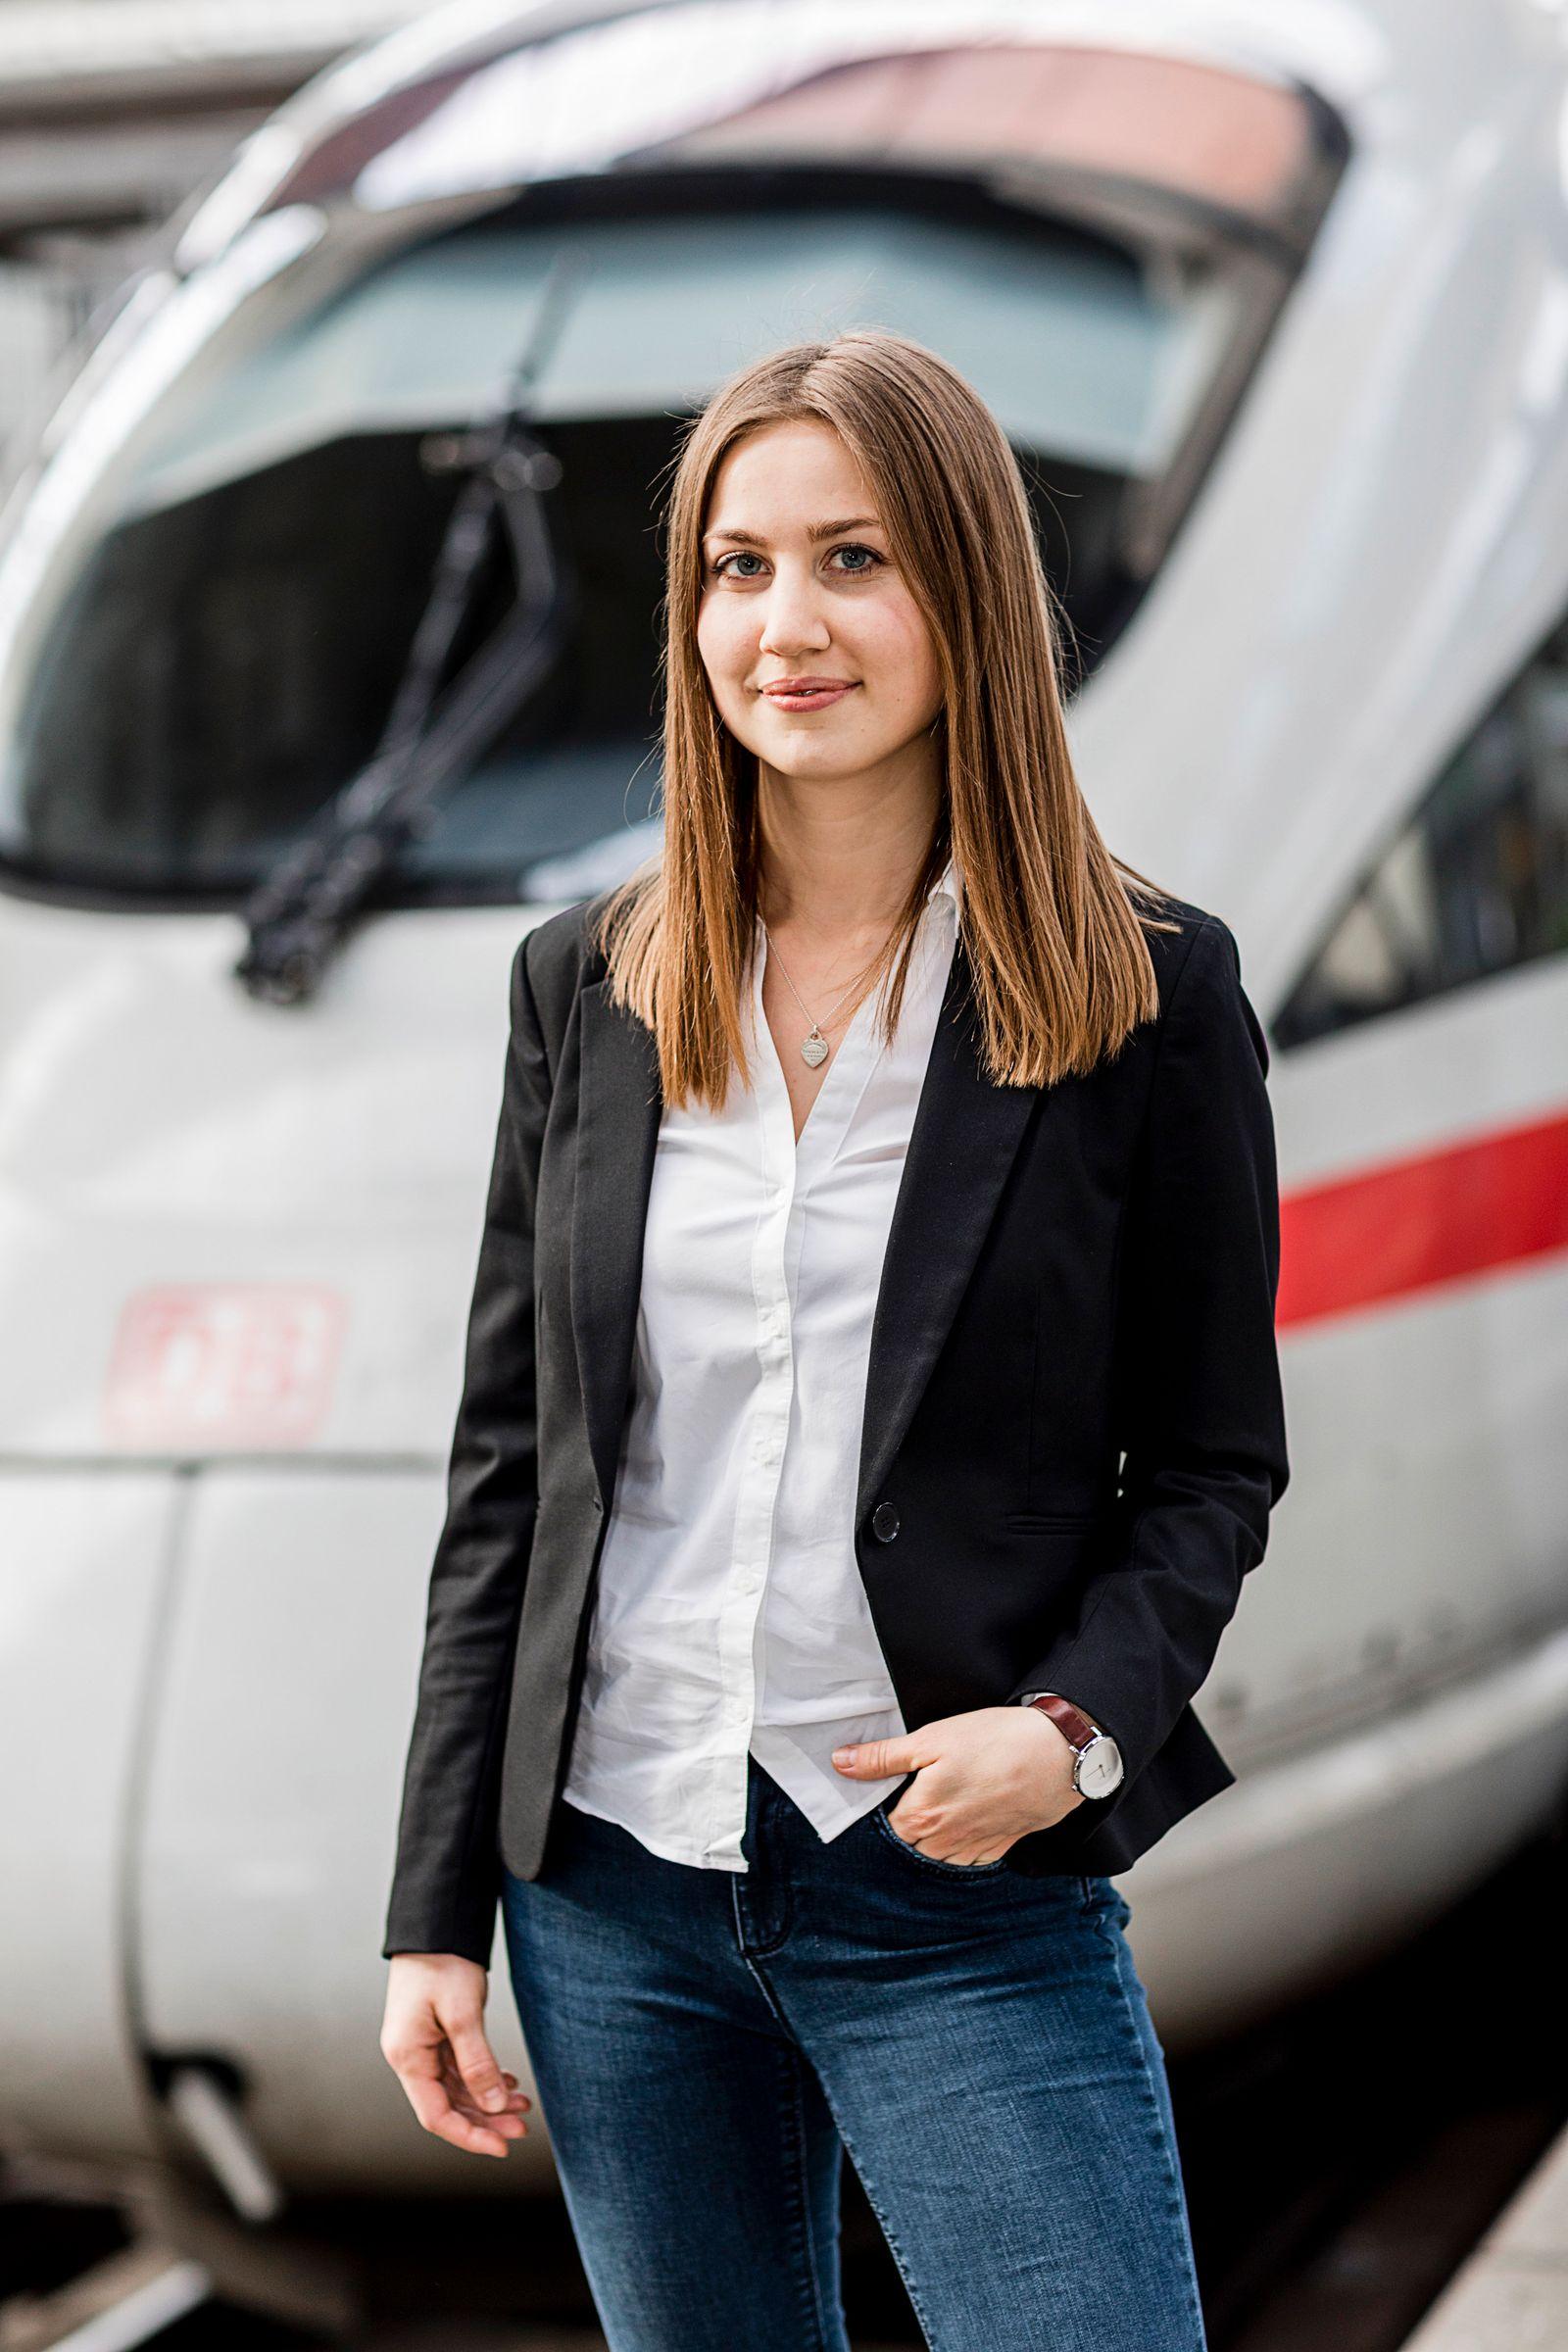 Christina Hoiß - die 23.000. Mitarbeiterin, die die DB in diesem Jahr eingestellt hat